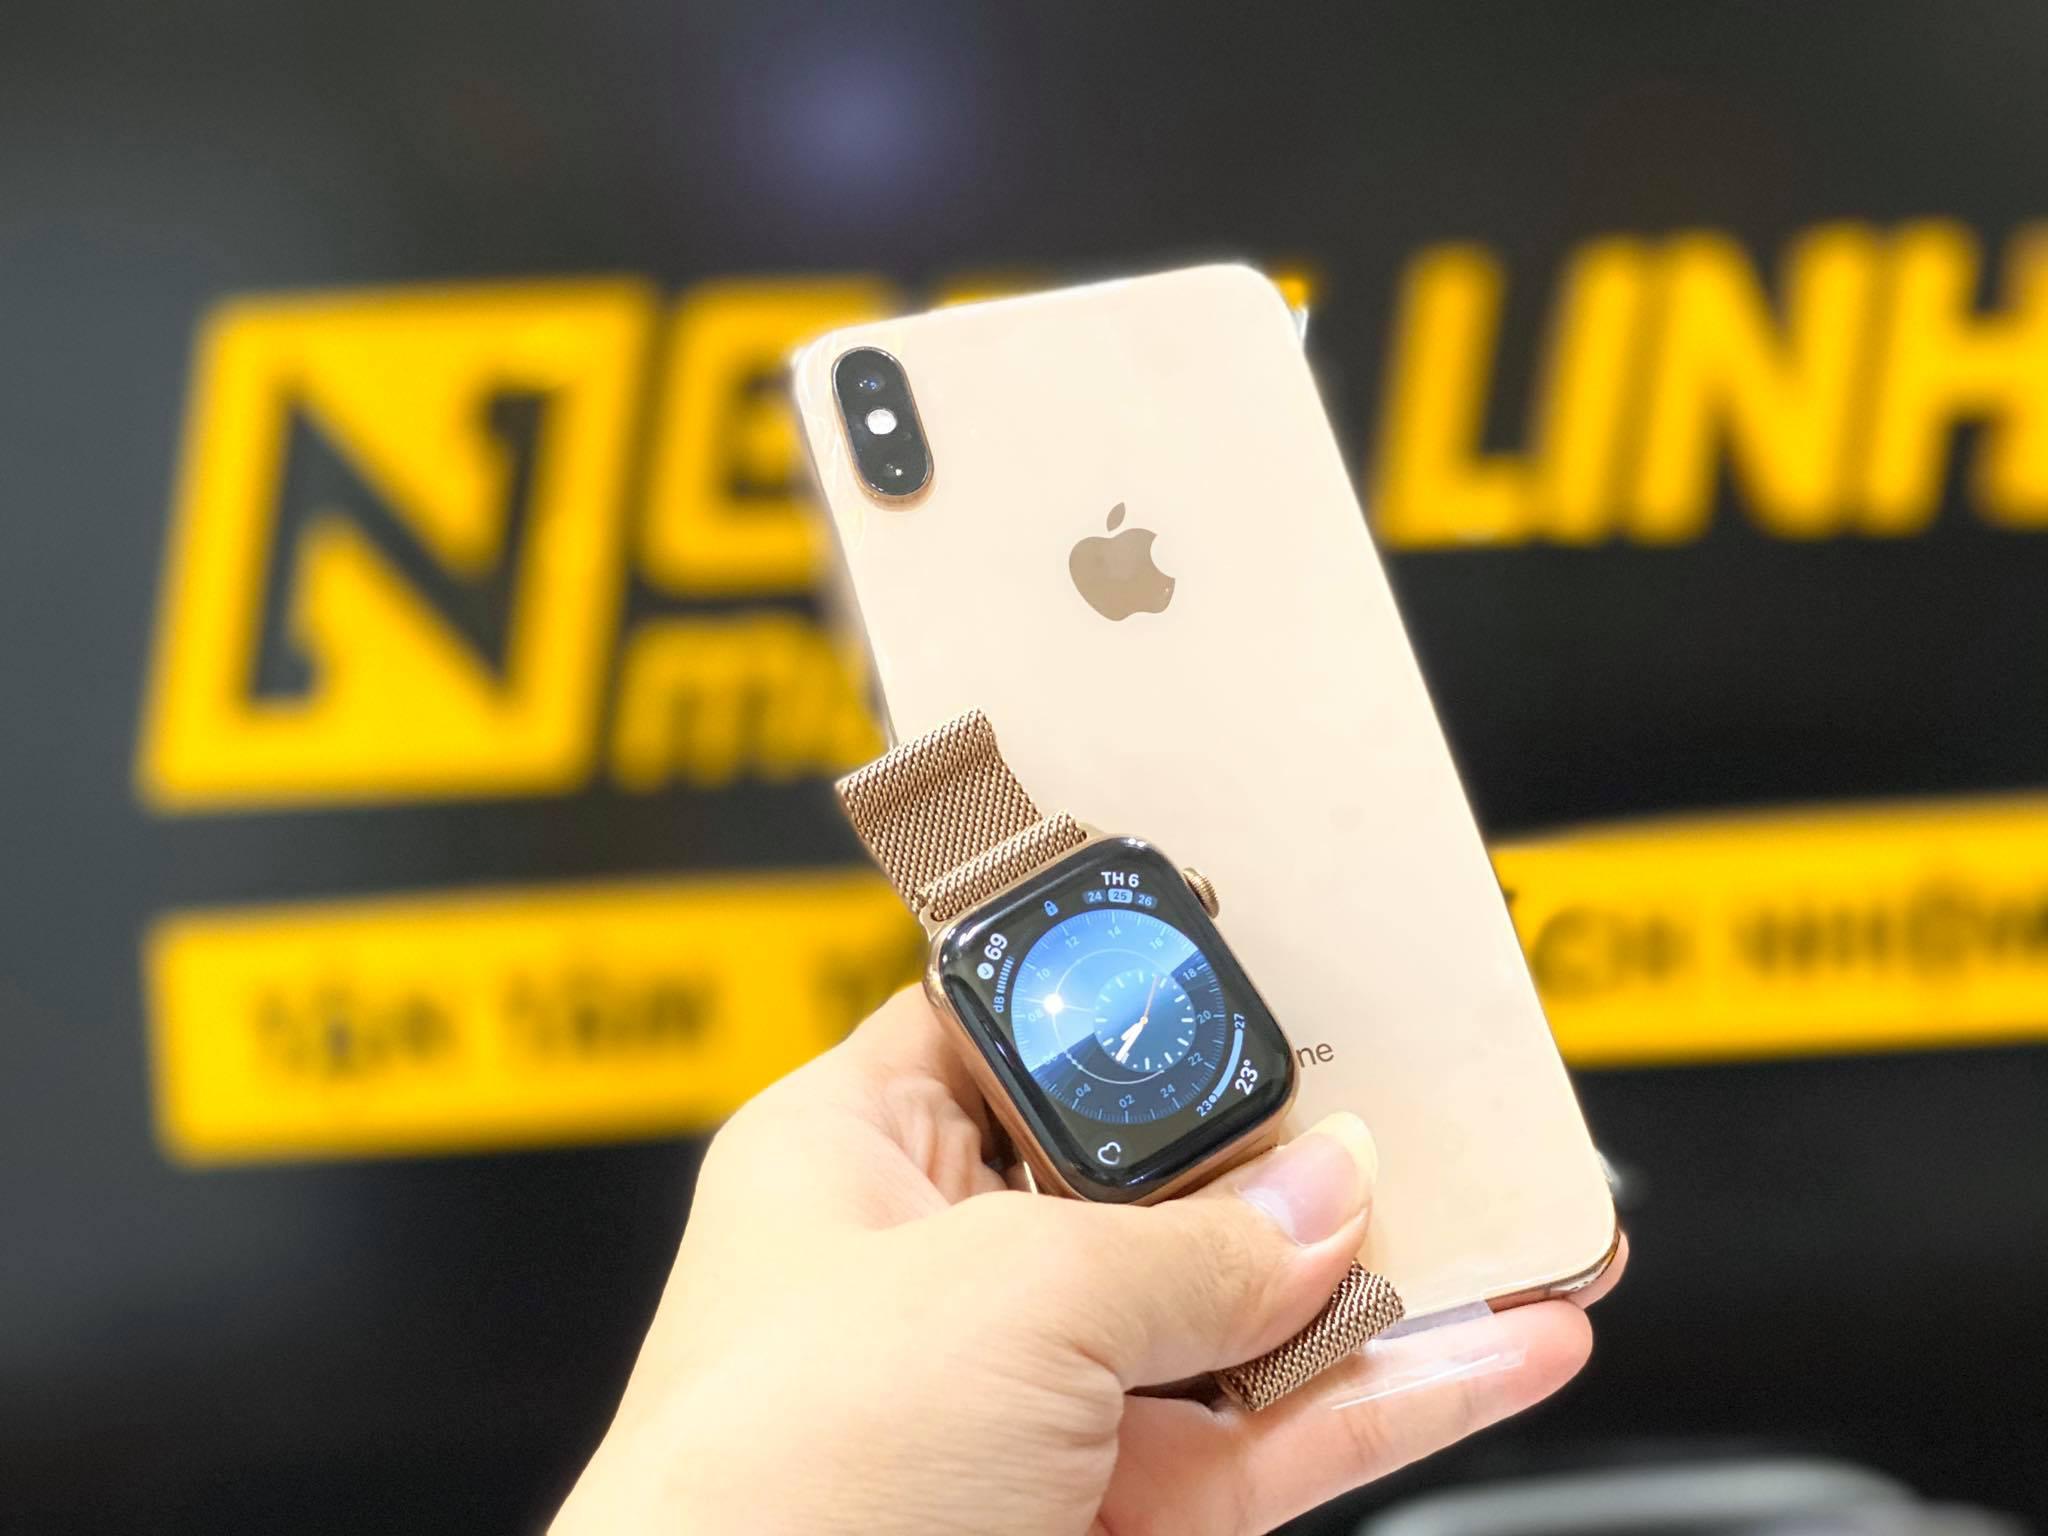 Apple Watch Apple Watch - Viettel chính thức hỗ trợ eSIM cho Apple Watch vào giữa tháng tới